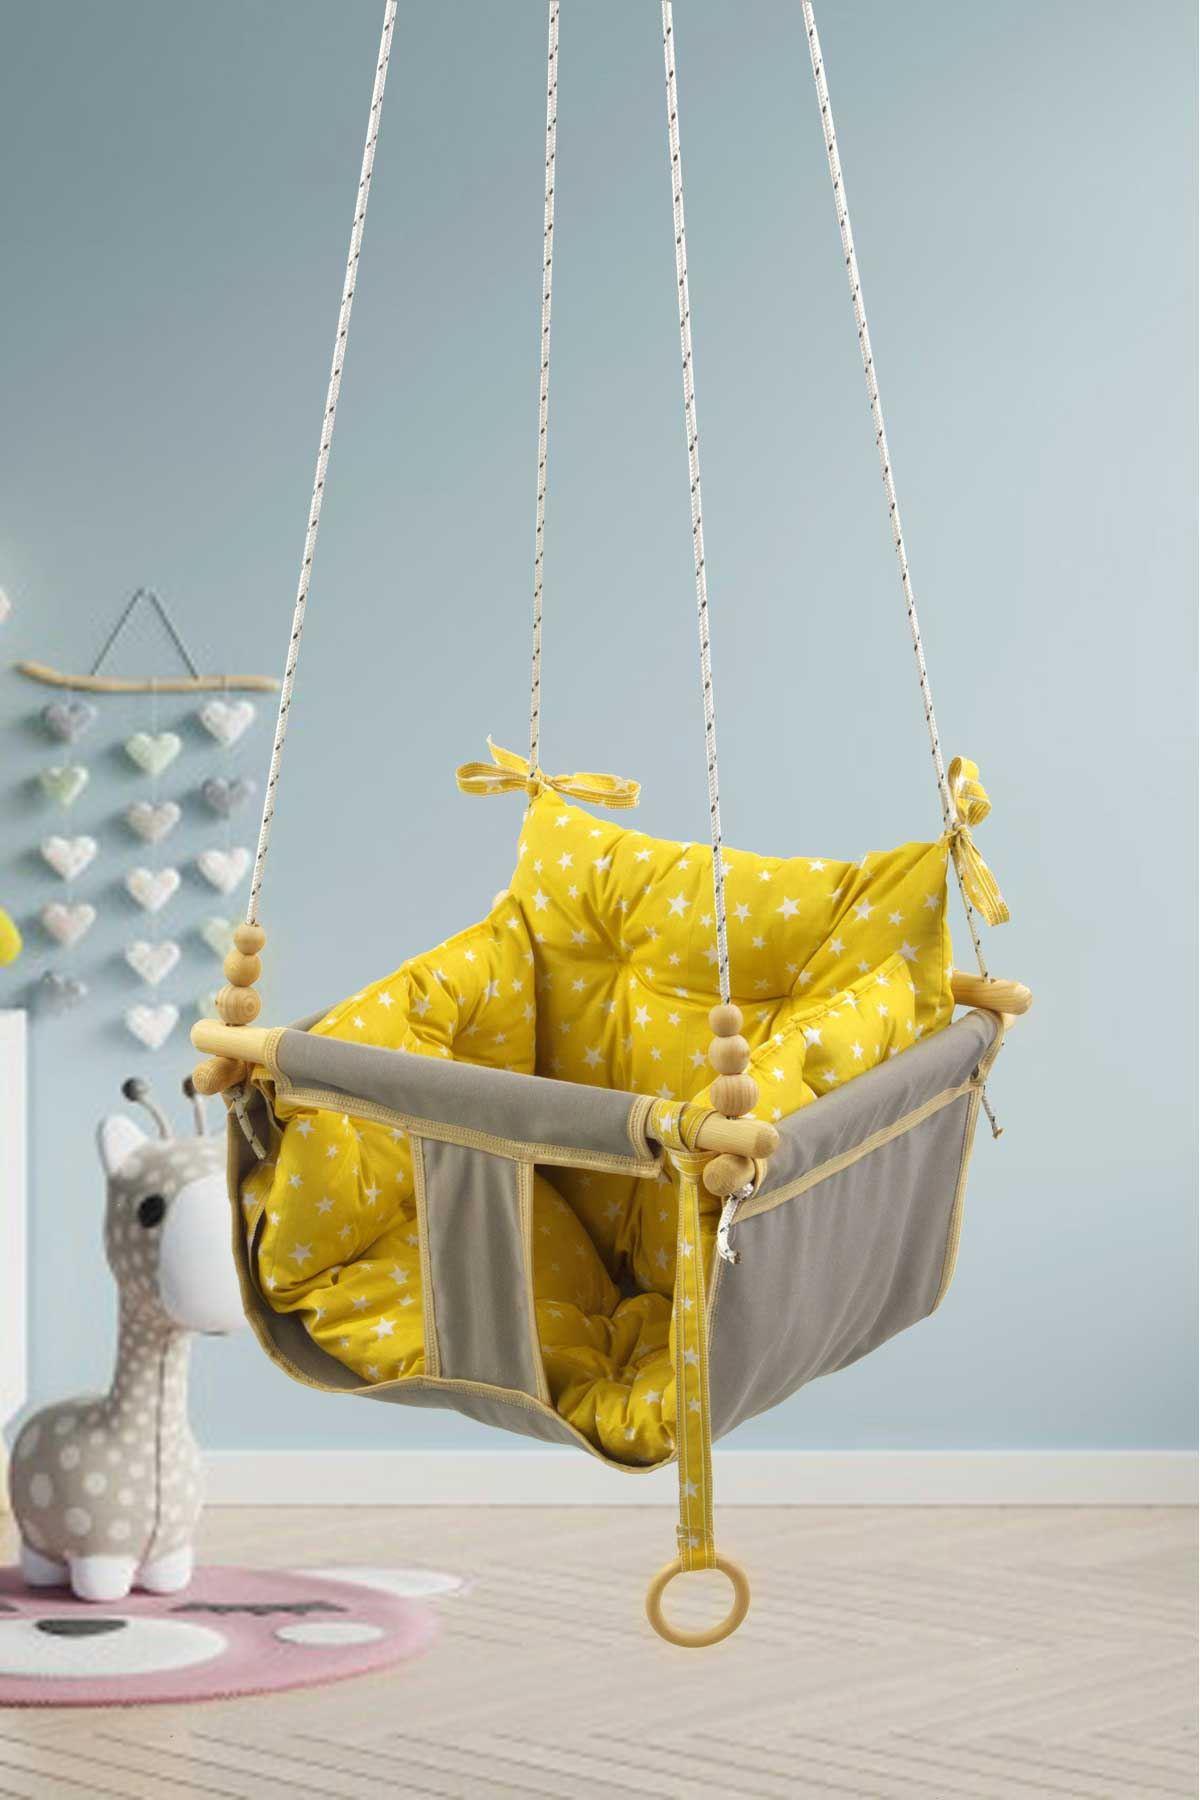 Gri Bundera Wag Swing Çocuk Ahşap Salıncak Bebek Hamak Bahçe Salıcağı